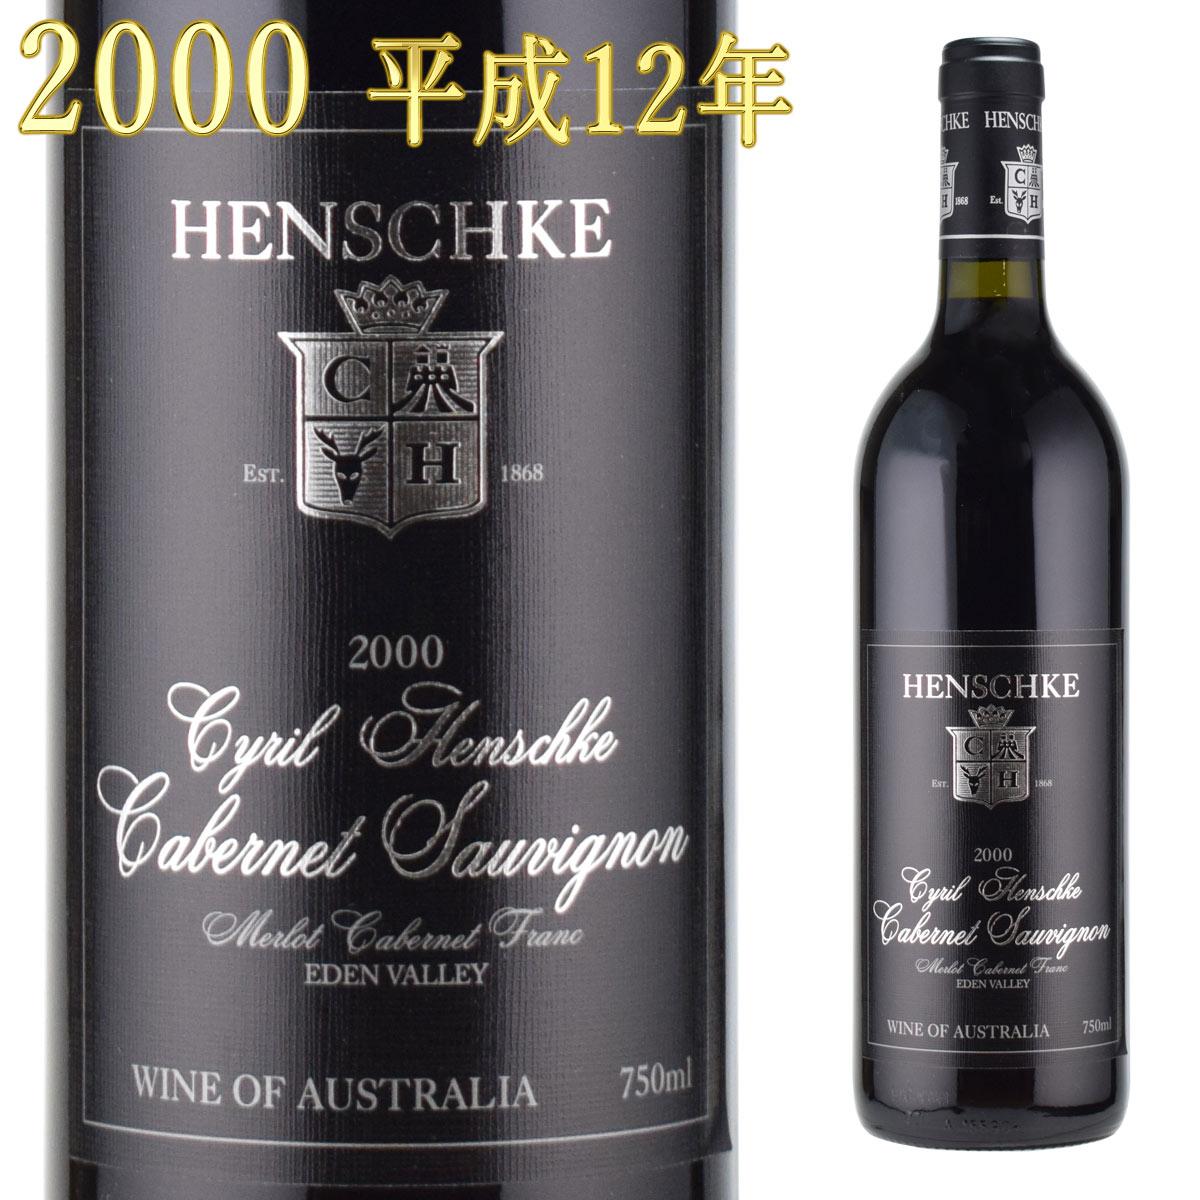 ヘンチキ シリル 2000 カベルネソーヴィニヨン 750ml赤 オーストラリア Cyril Henschke Cabernet Sauvignon